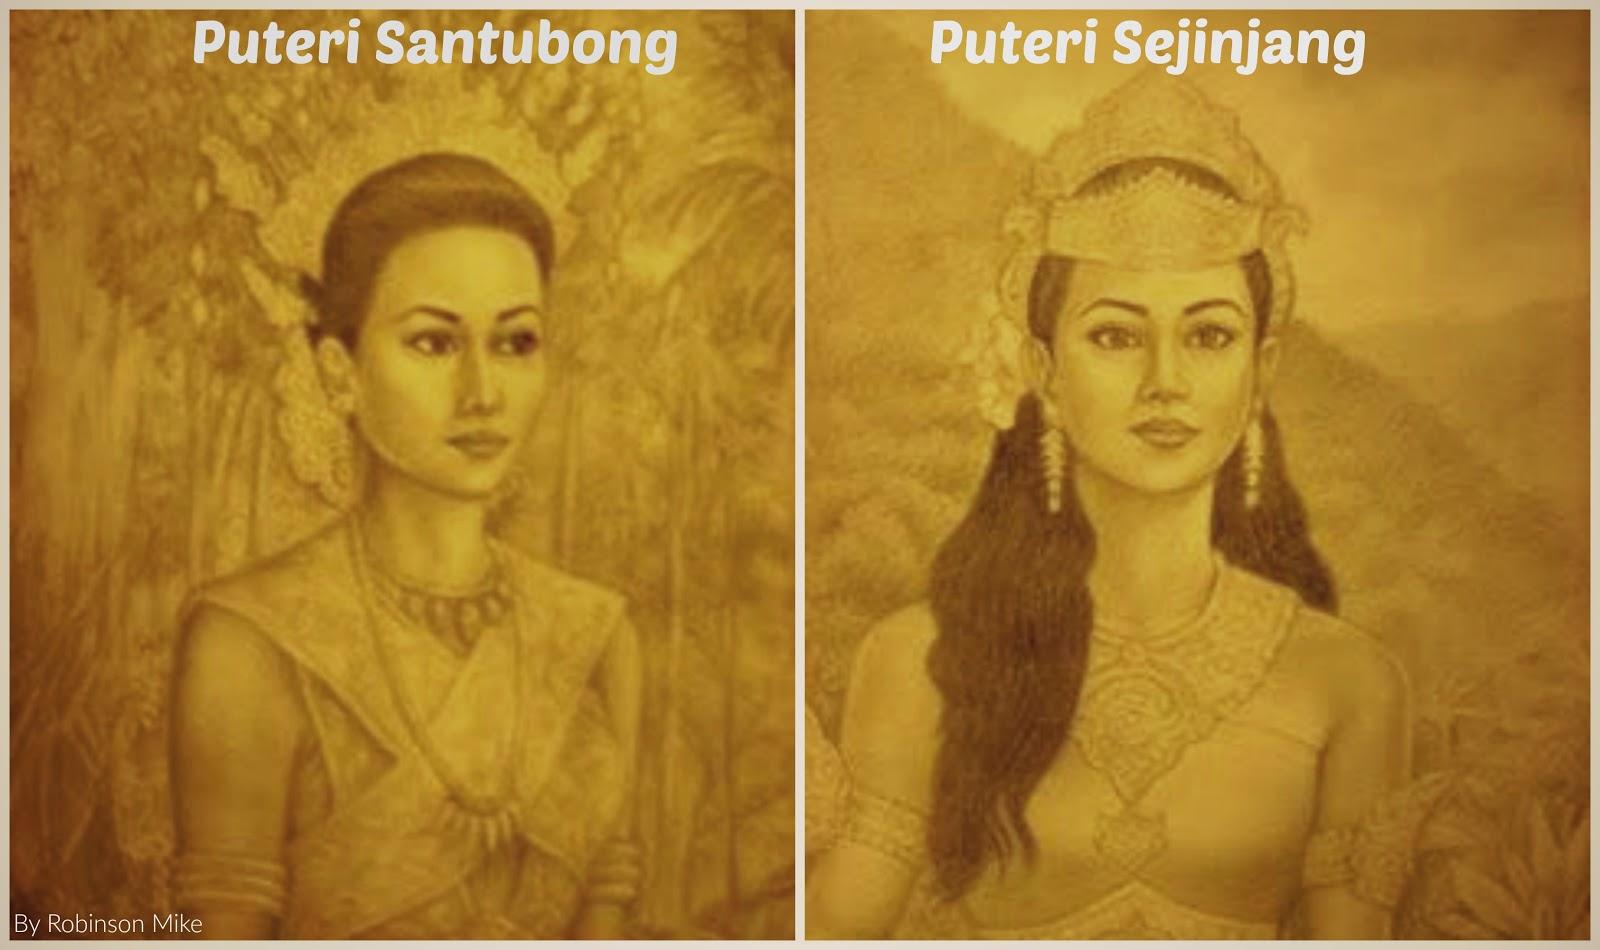 Gambaran Puteri Santubong & Puteri Sejinjang